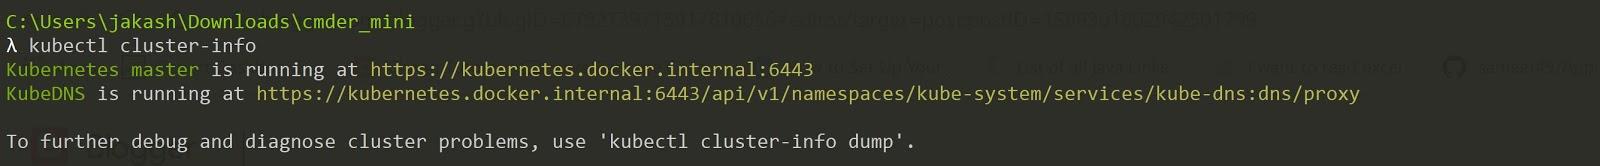 How to set up Kubernetes cluster in freshly deployed Ubuntu virtual machine